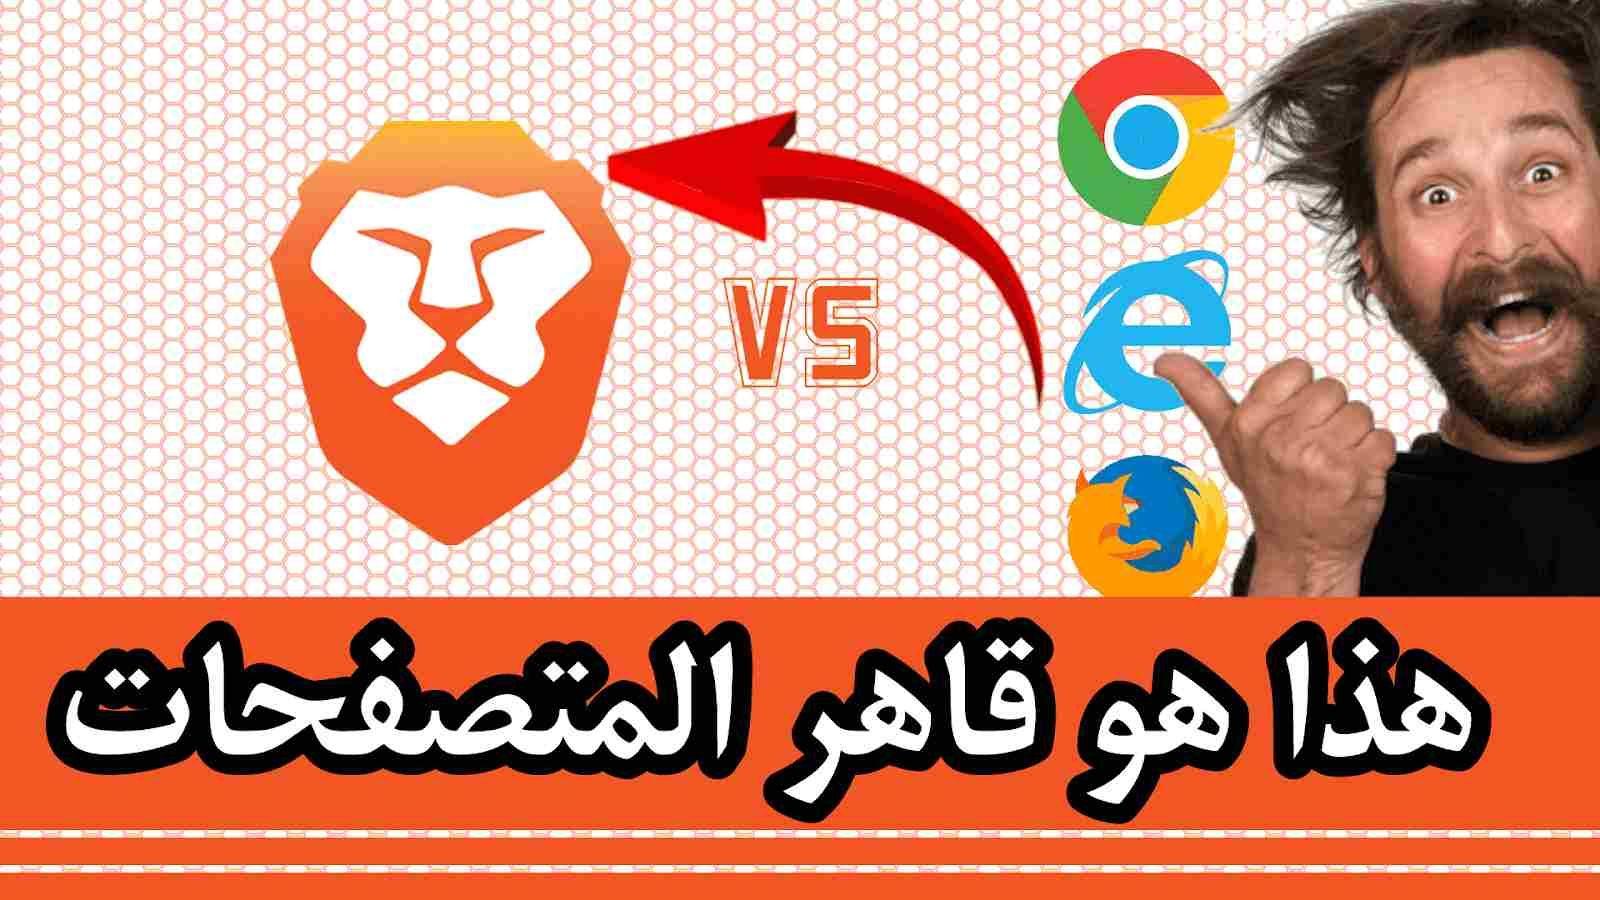 تحميل أفضل متصفح لهواتف الأندرويد ومنافس جوجل كروم بإمتياز Brave Browser Browser Brave